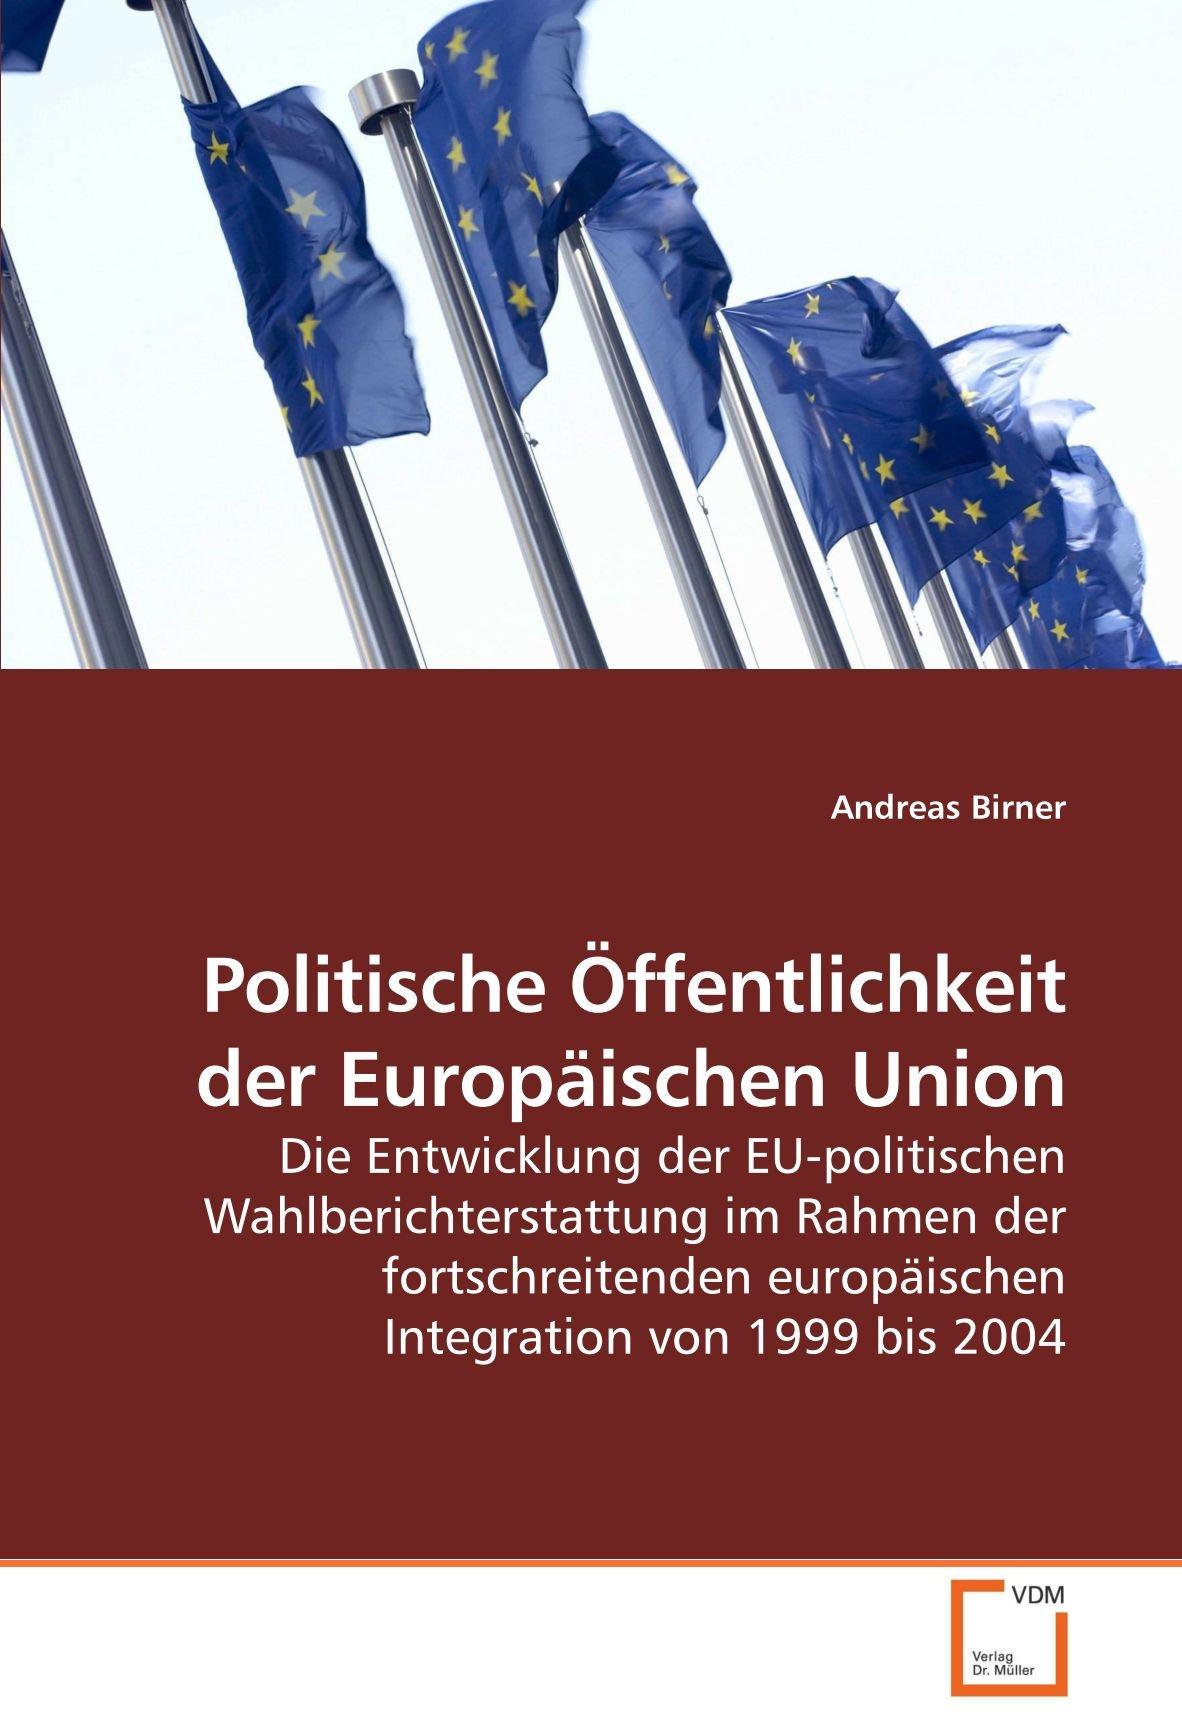 Politische Öffentlichkeit der Europäischen Union- Die Entwicklung der EU-politischen Wahlberichterstattung im Rahmen der fortschreitenden europäischen Integration von 1999 bis 2004 German Edition  ebook by Andreas Birner